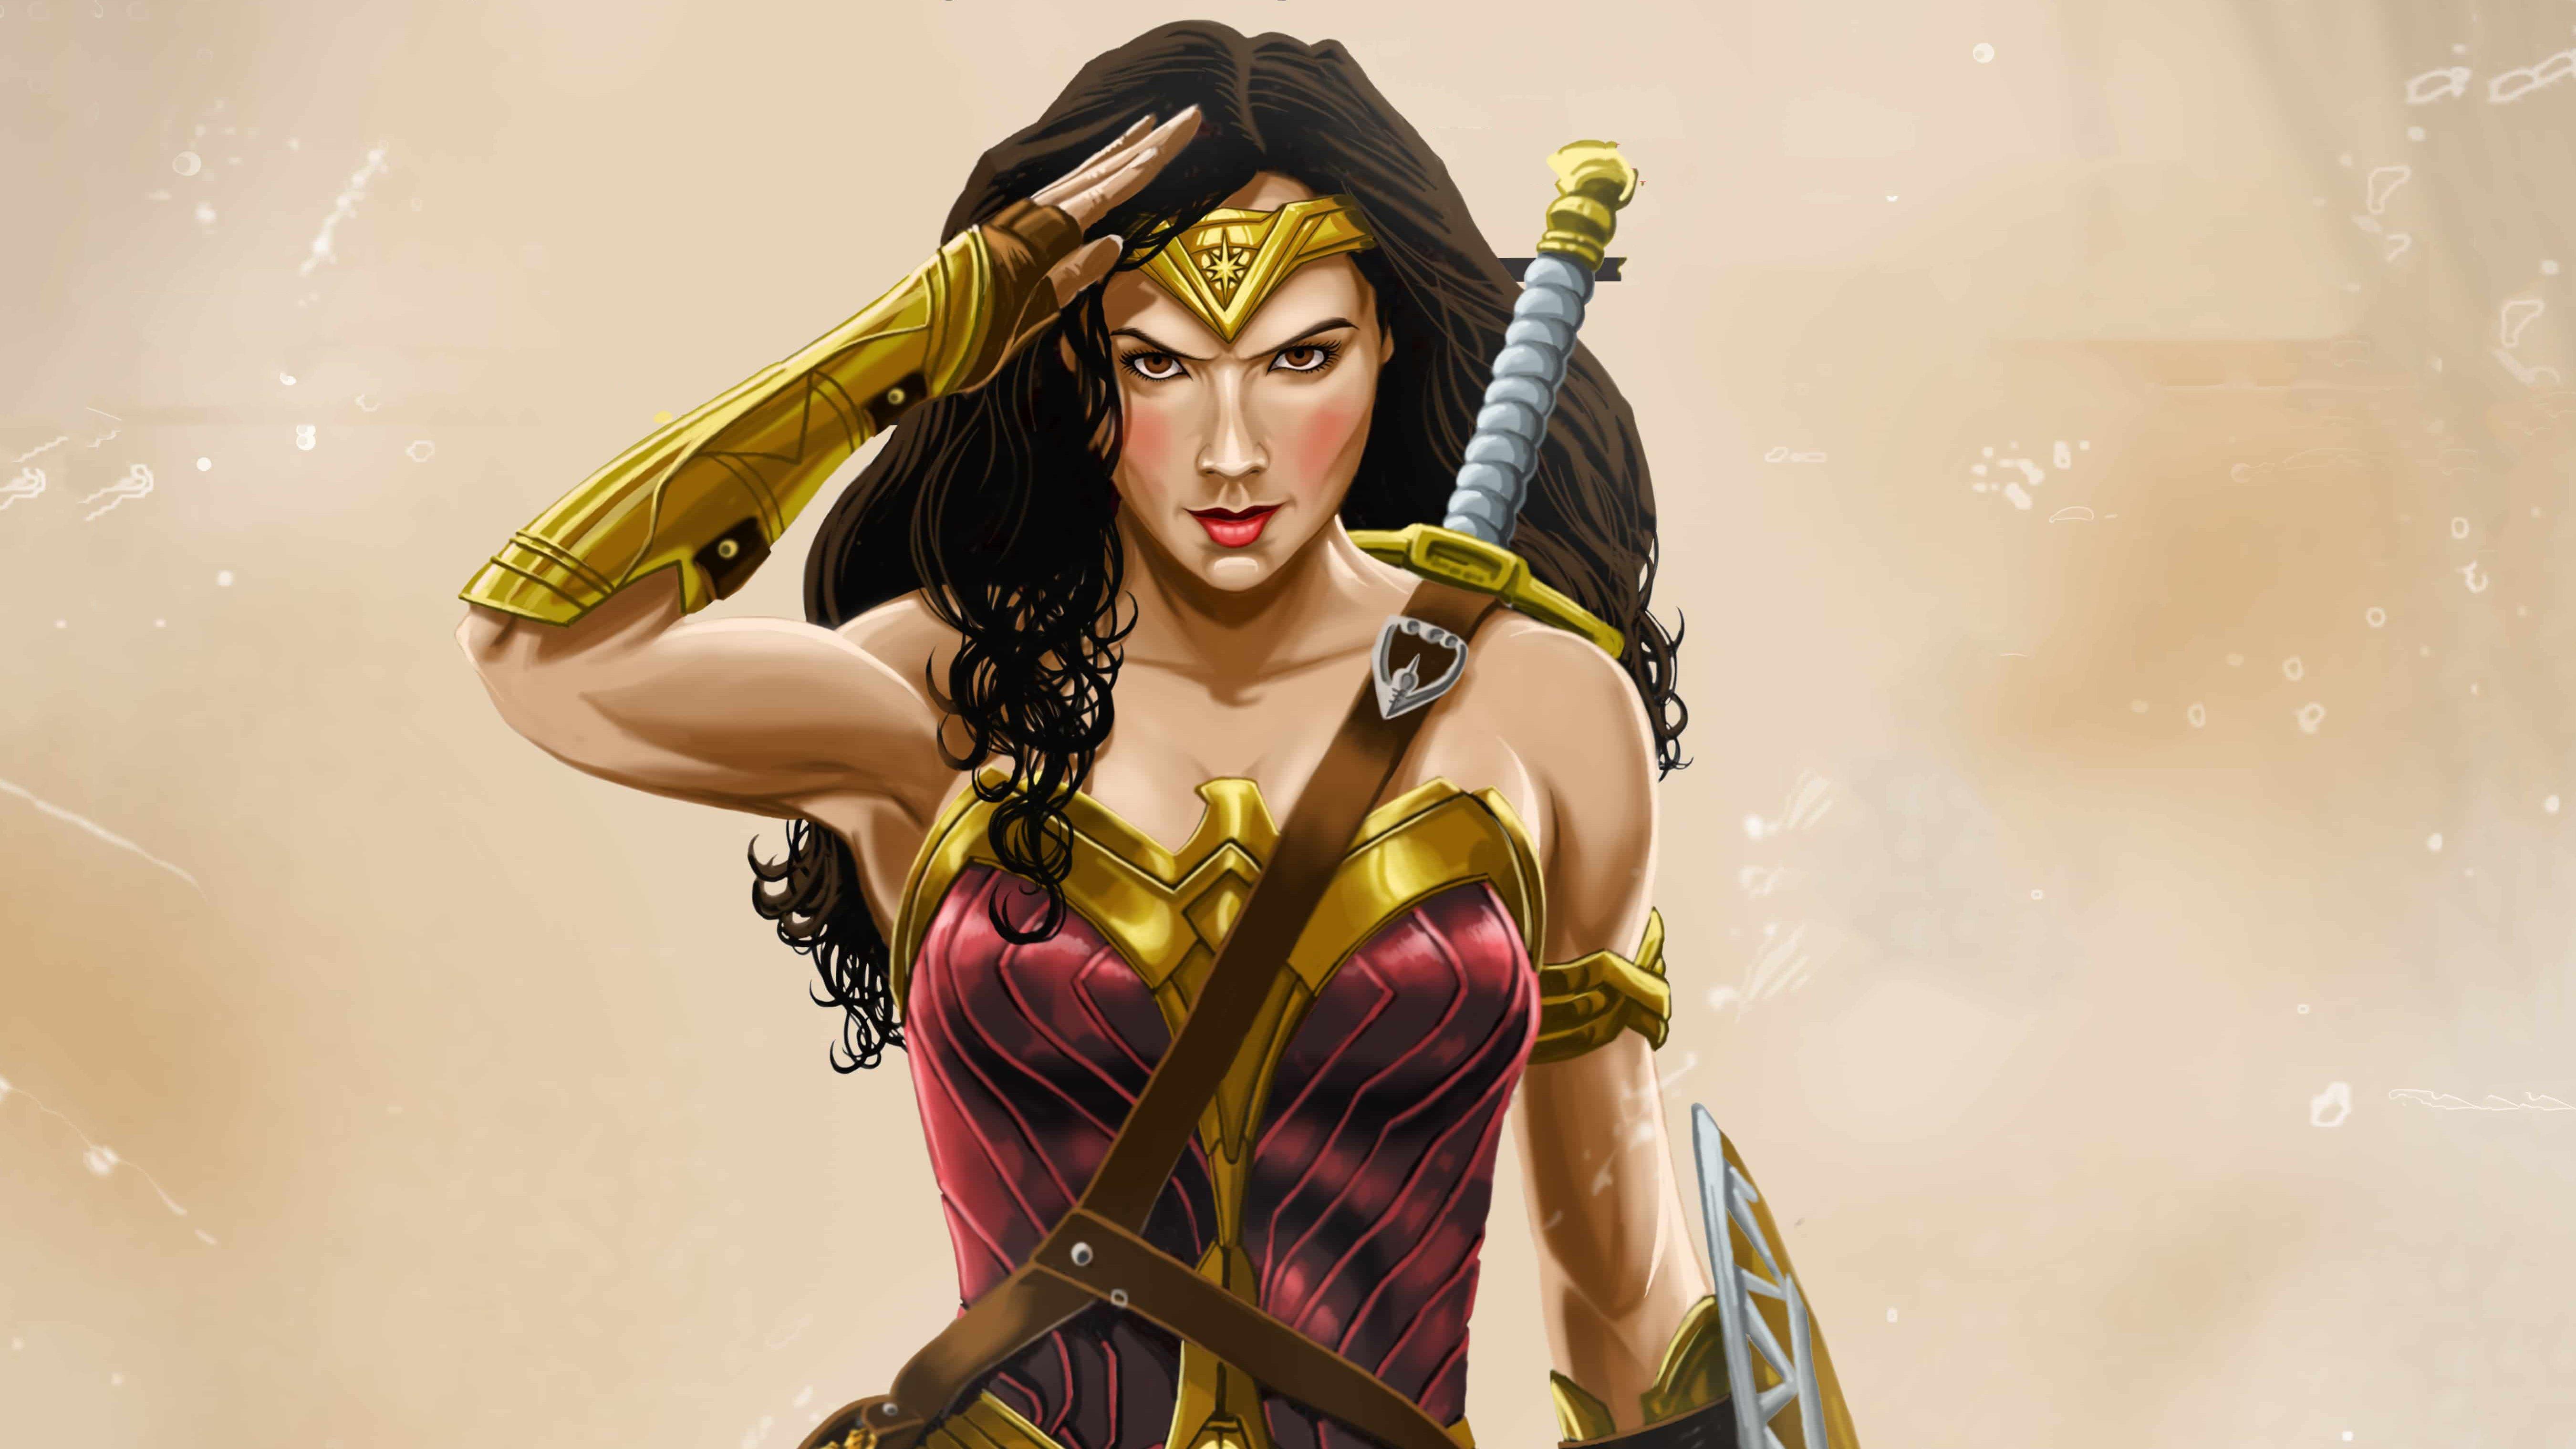 Fondos de pantalla Mujer Maravilla Ilustración